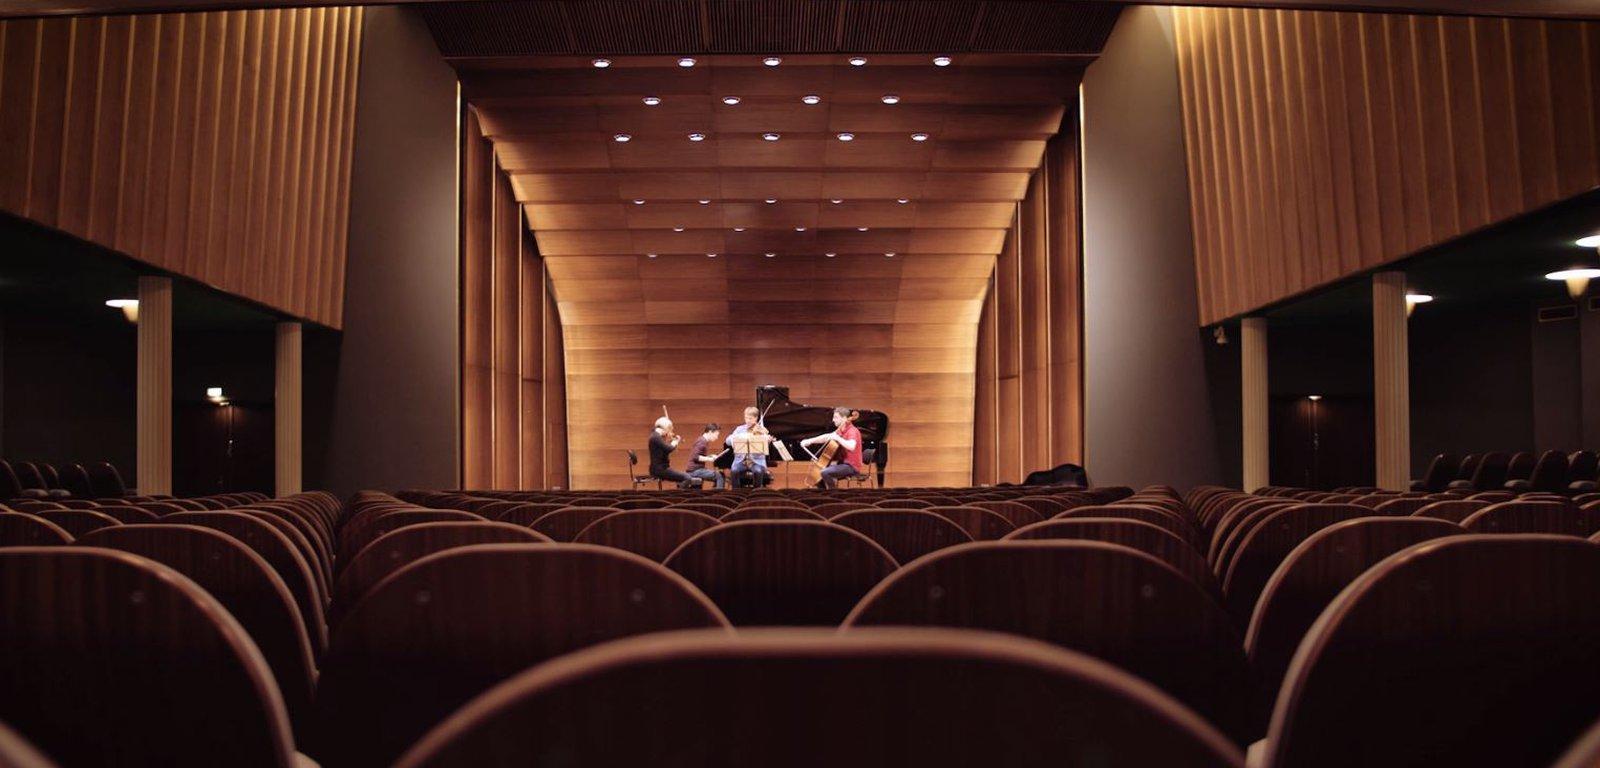 Kammermusik in der Laeiszhalle